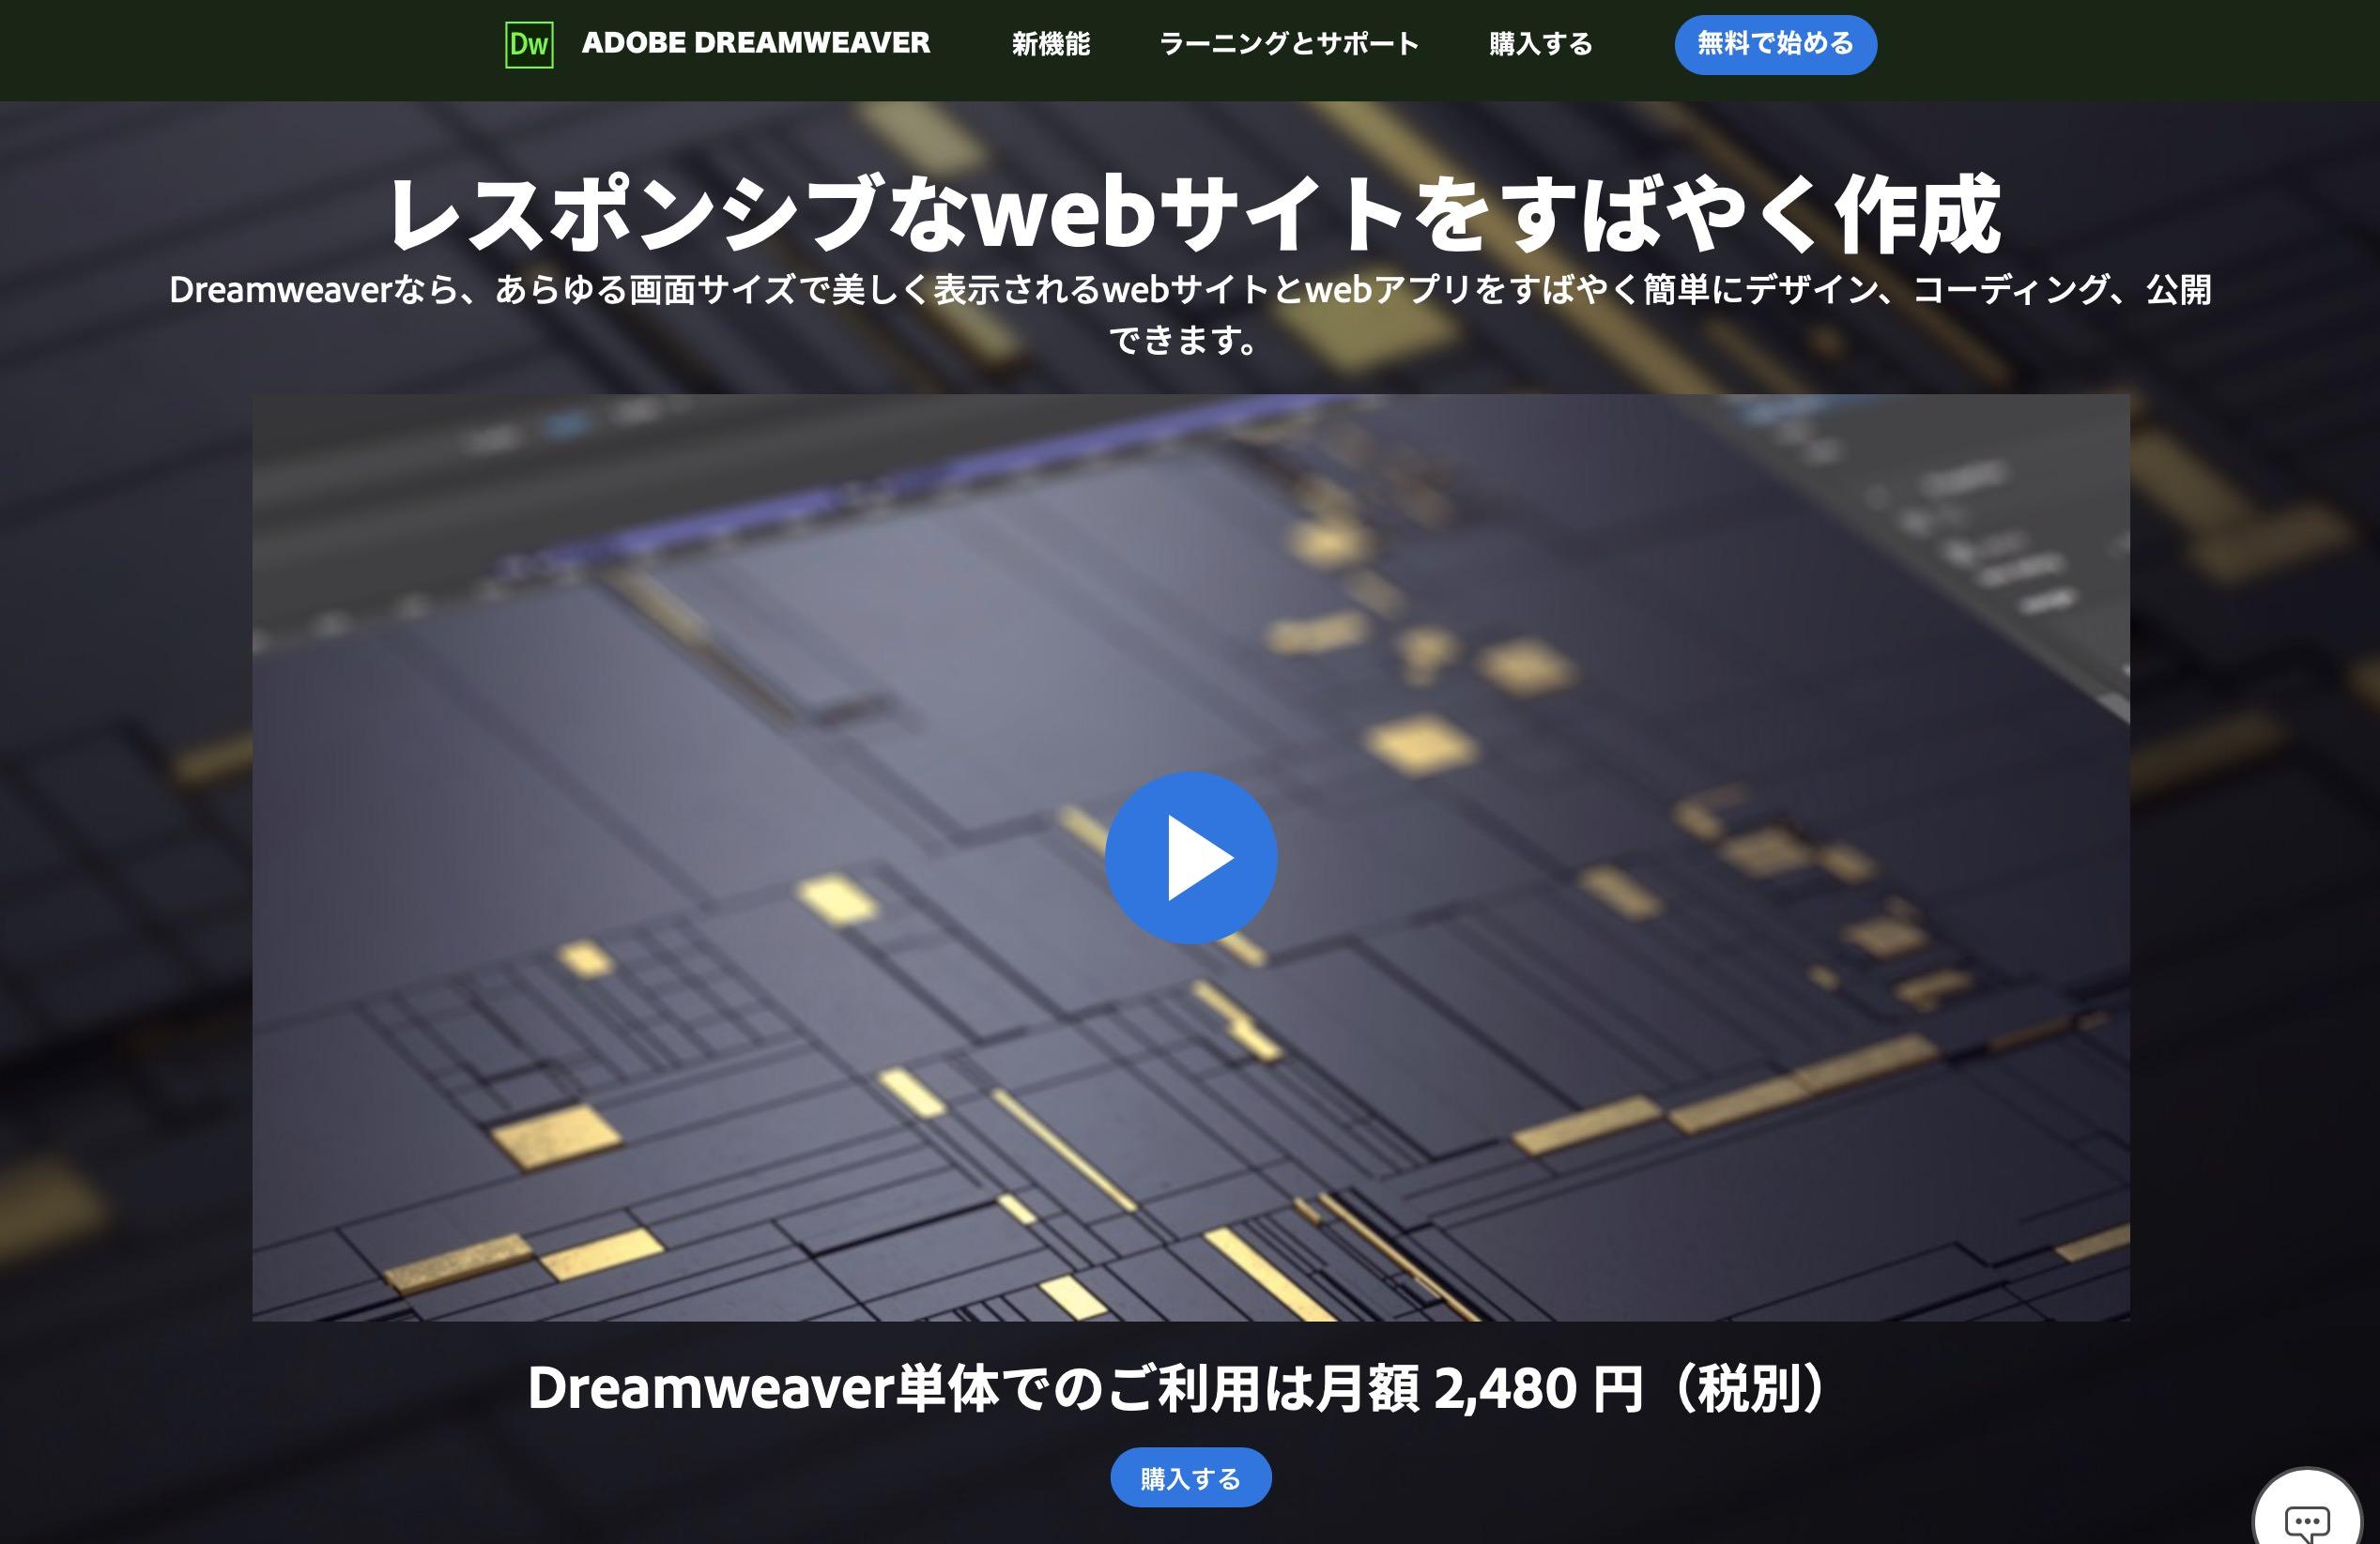 Dreamweaver 公式サイトキャプチャ